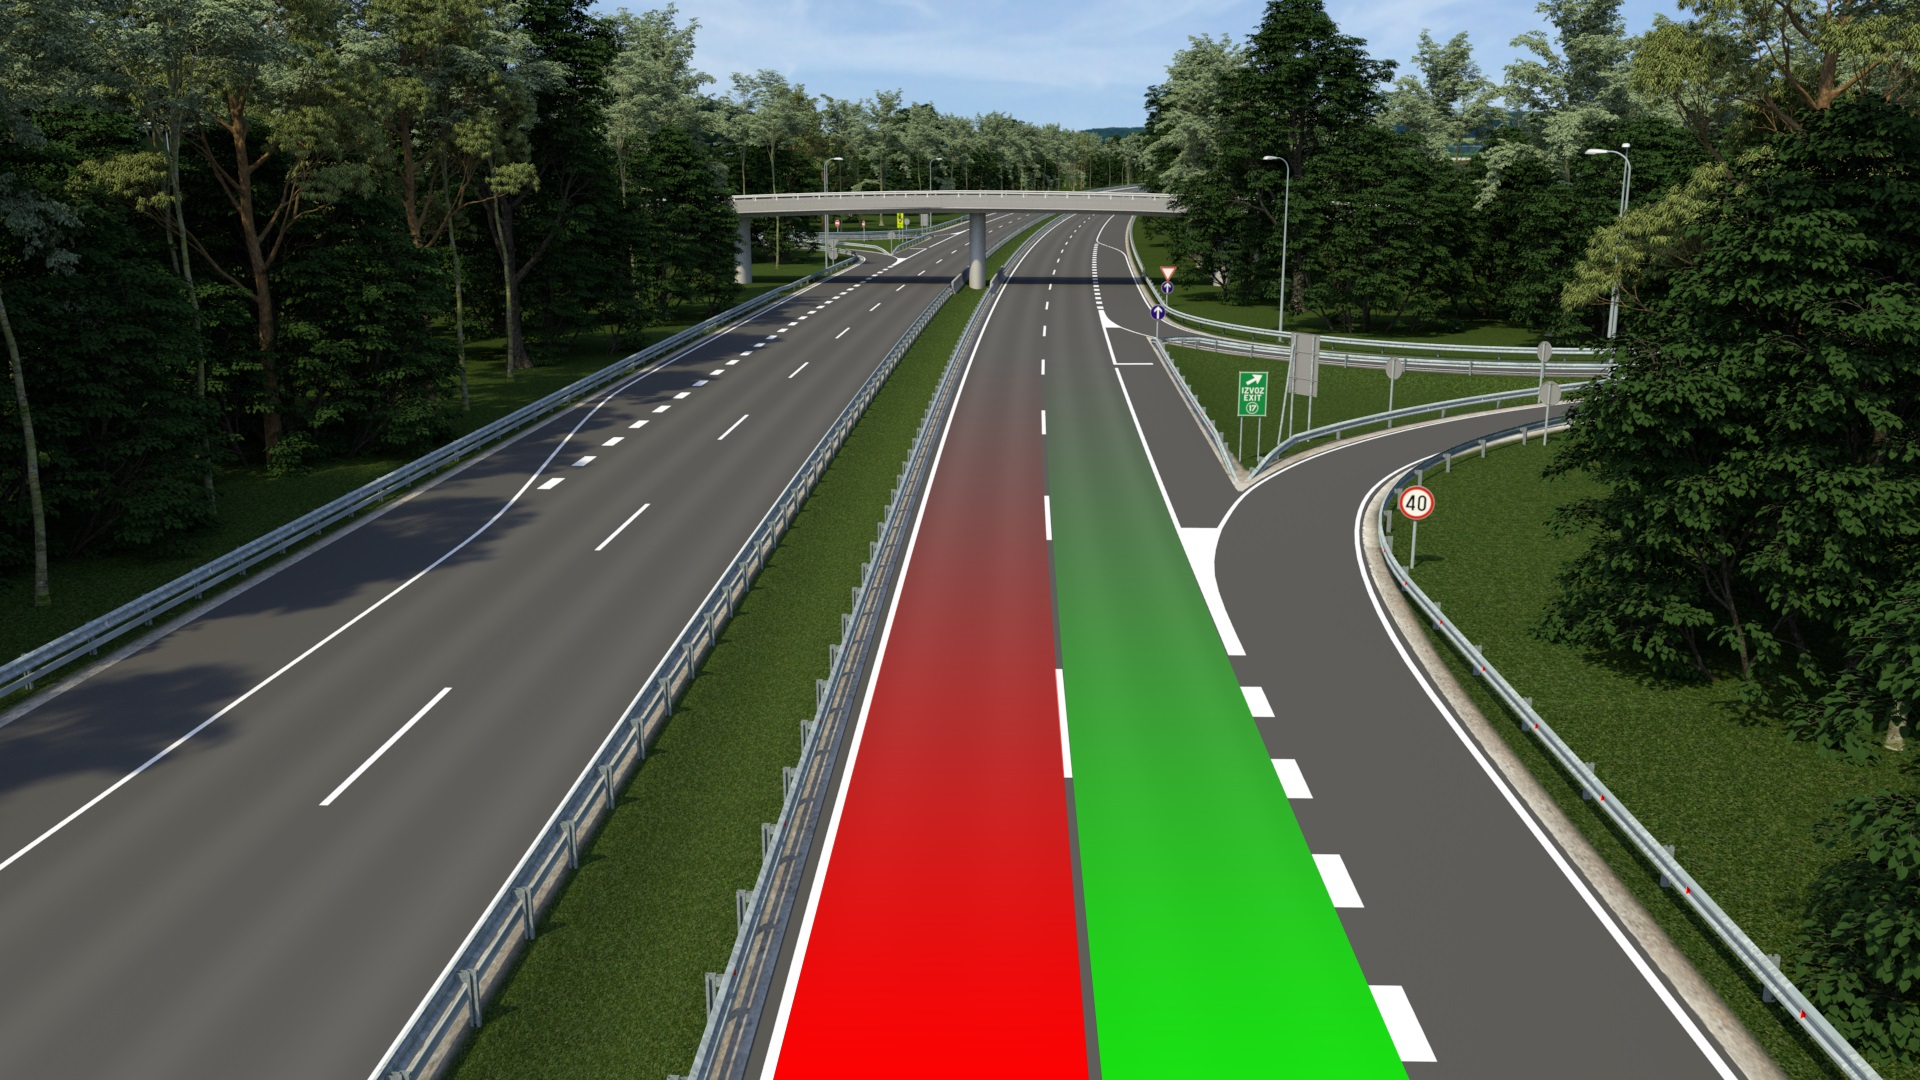 Avtocesta - vozi desno, prehitevaj levo!